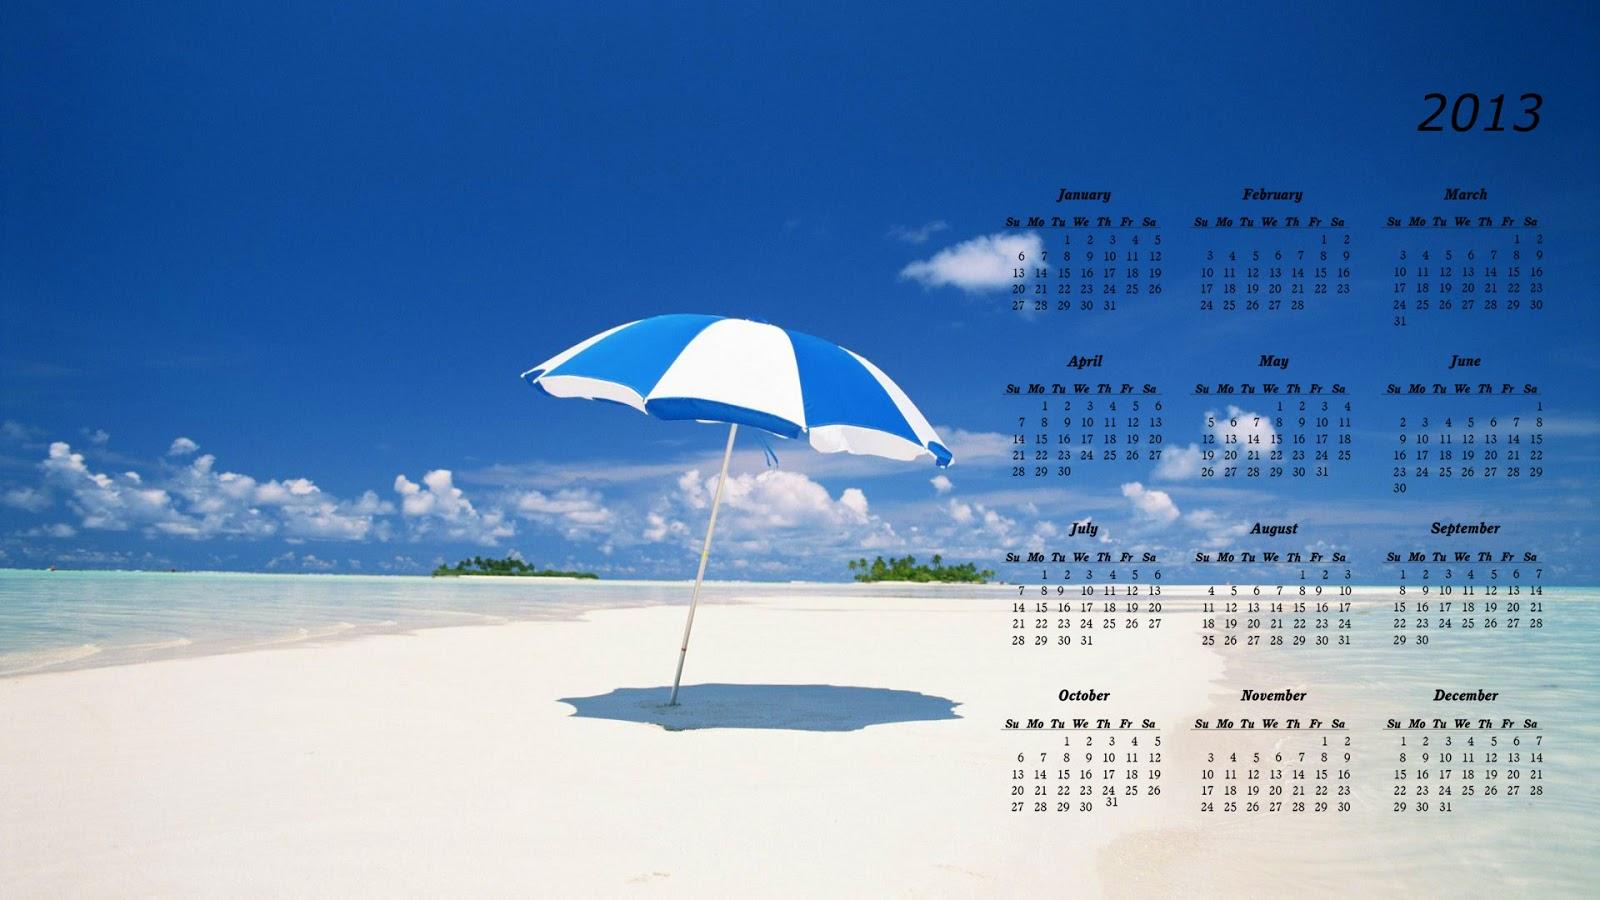 http://4.bp.blogspot.com/-f6HCYFKCgbQ/UNlGzAHJofI/AAAAAAAAG6A/V9famleFWdE/s1600/New+Year+2013+Calendar+Desktop+HD+Wallpapers.jpg